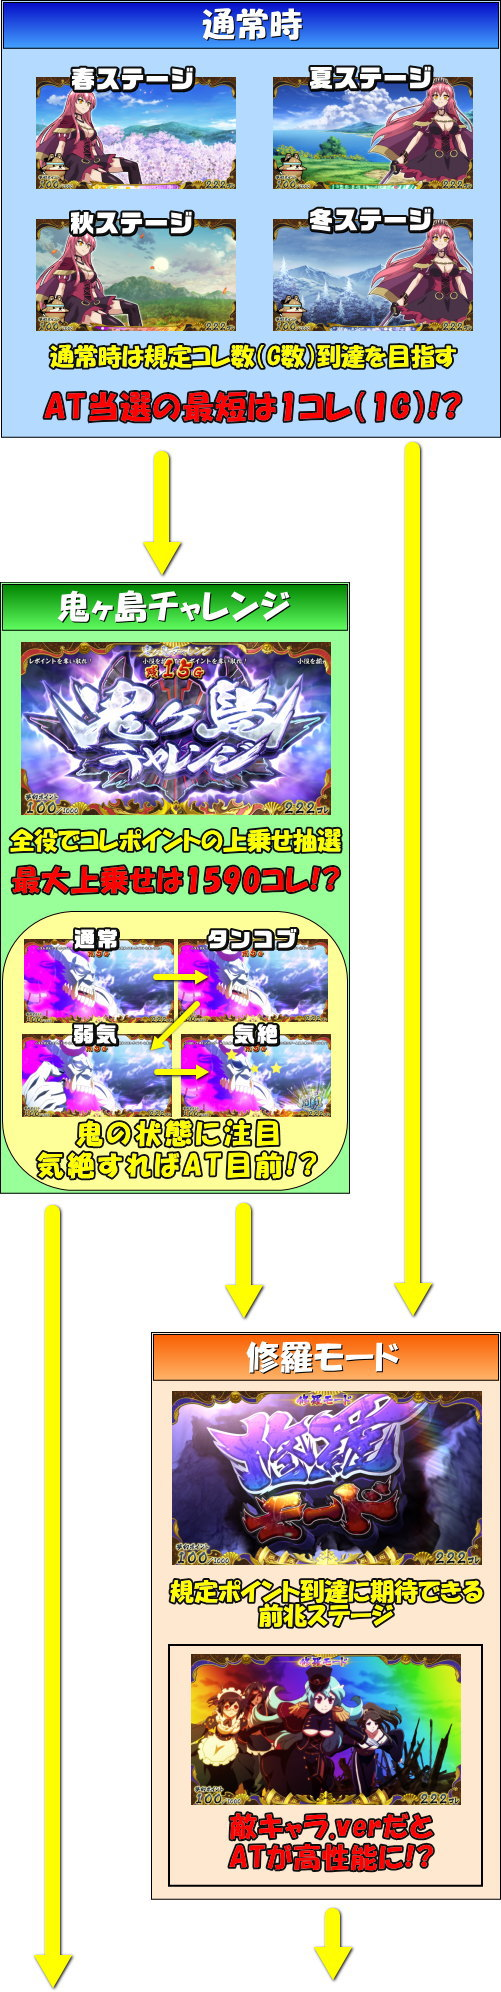 【戦コレ4】戦国コレクション4のゲームフロー1